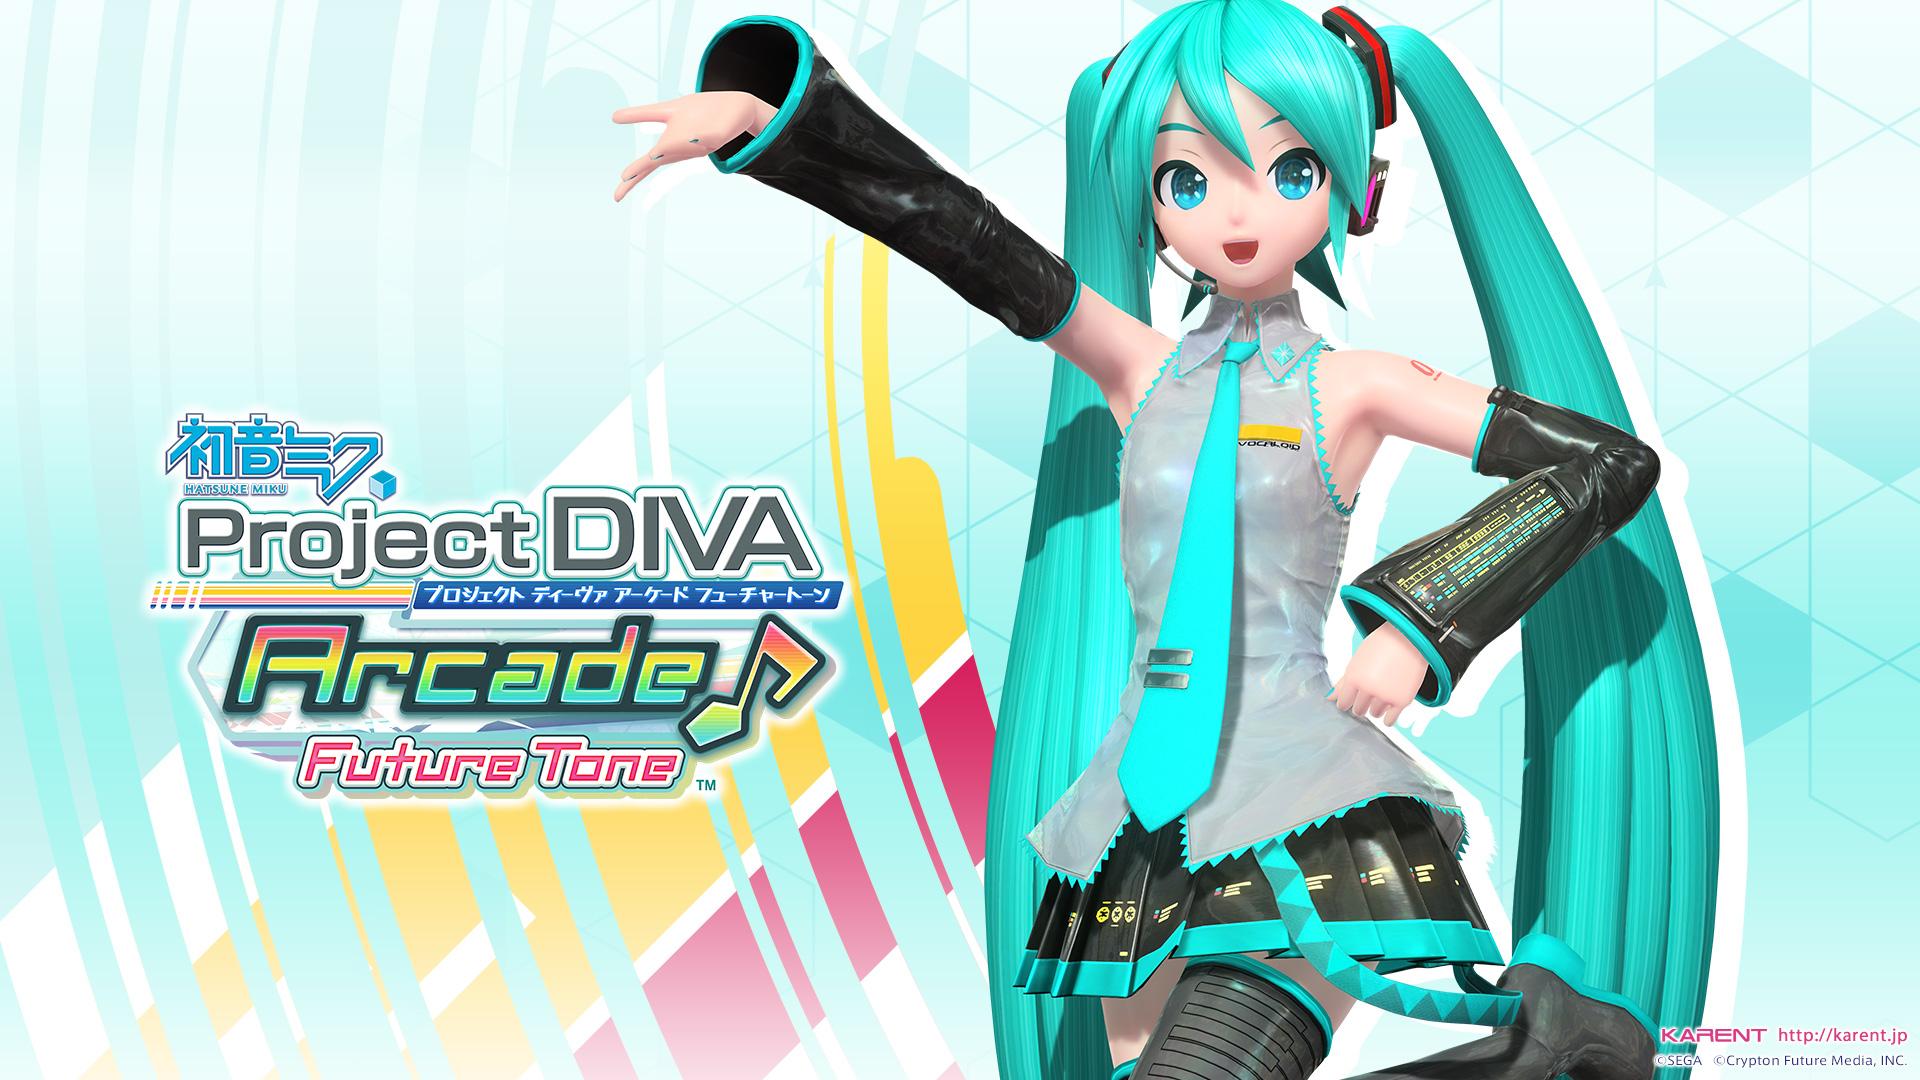 Hatsune miku project diva future tone review - Hatsune miku project diva future ...